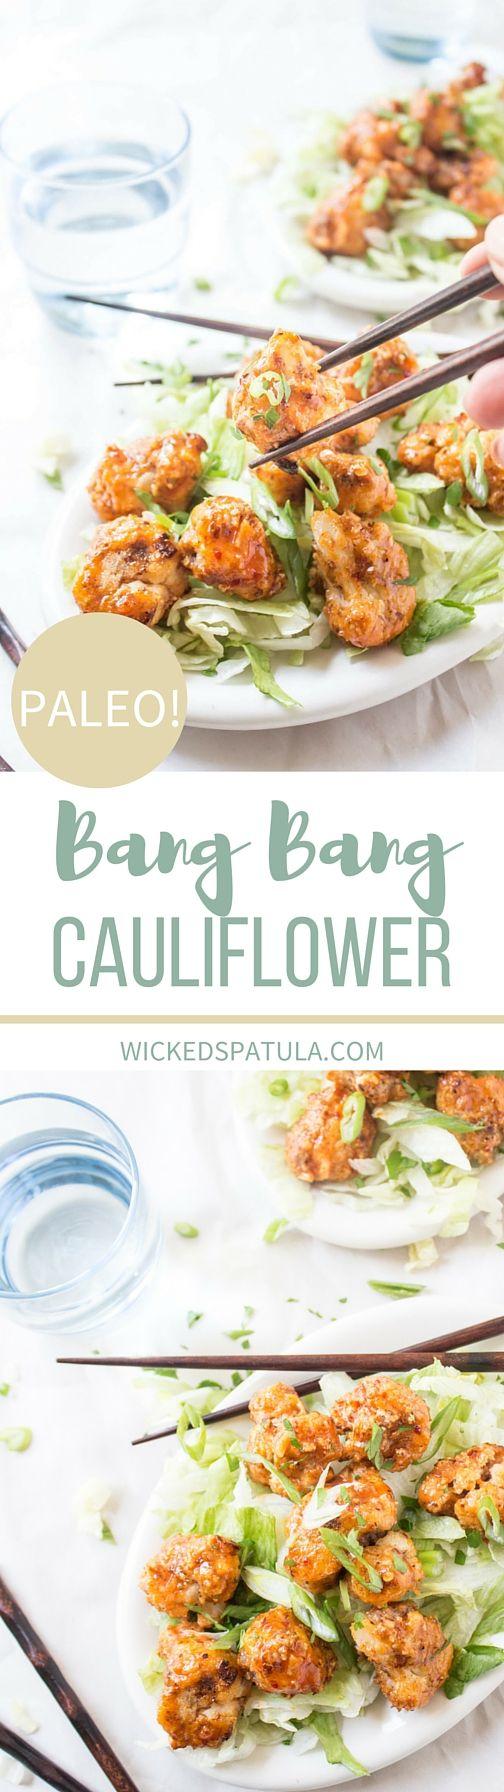 bang bang cauliflower - paleo, vegan, gluten free